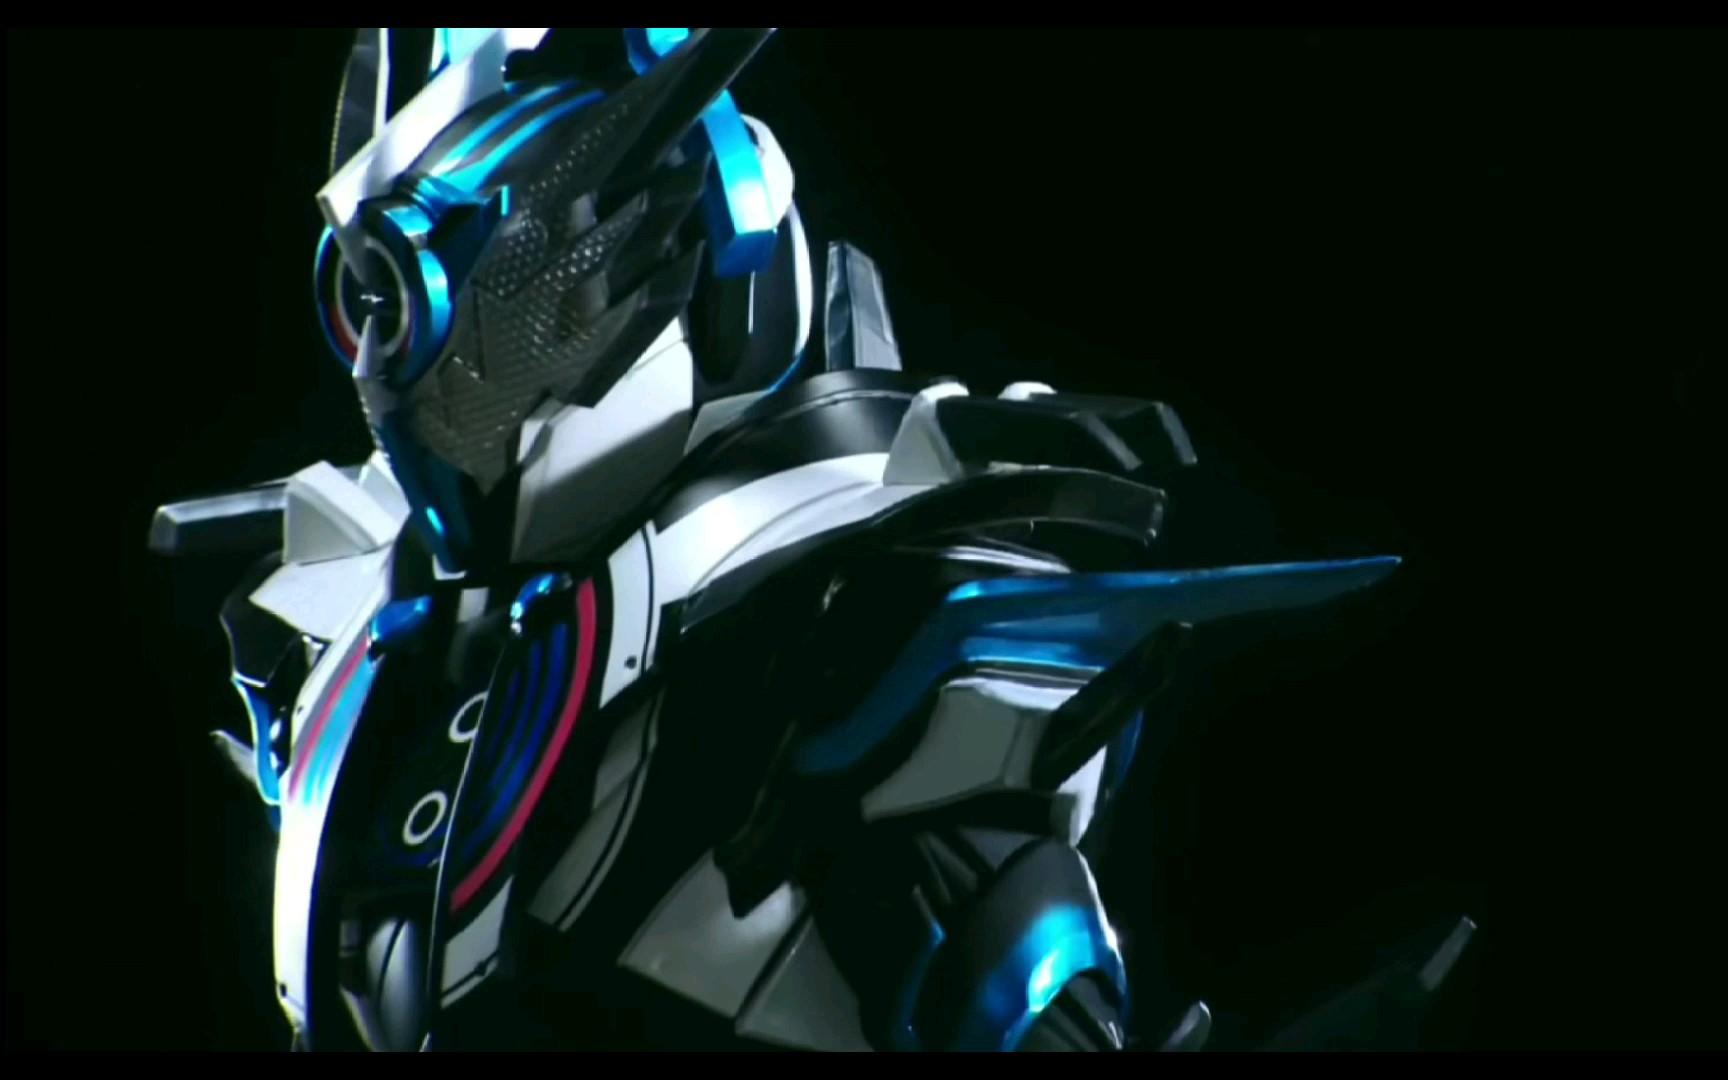 龙��e�:,^��~K����_[假面骑士build]【字幕】假面骑士cross-z龙我外传 银河龙登场打爆e总